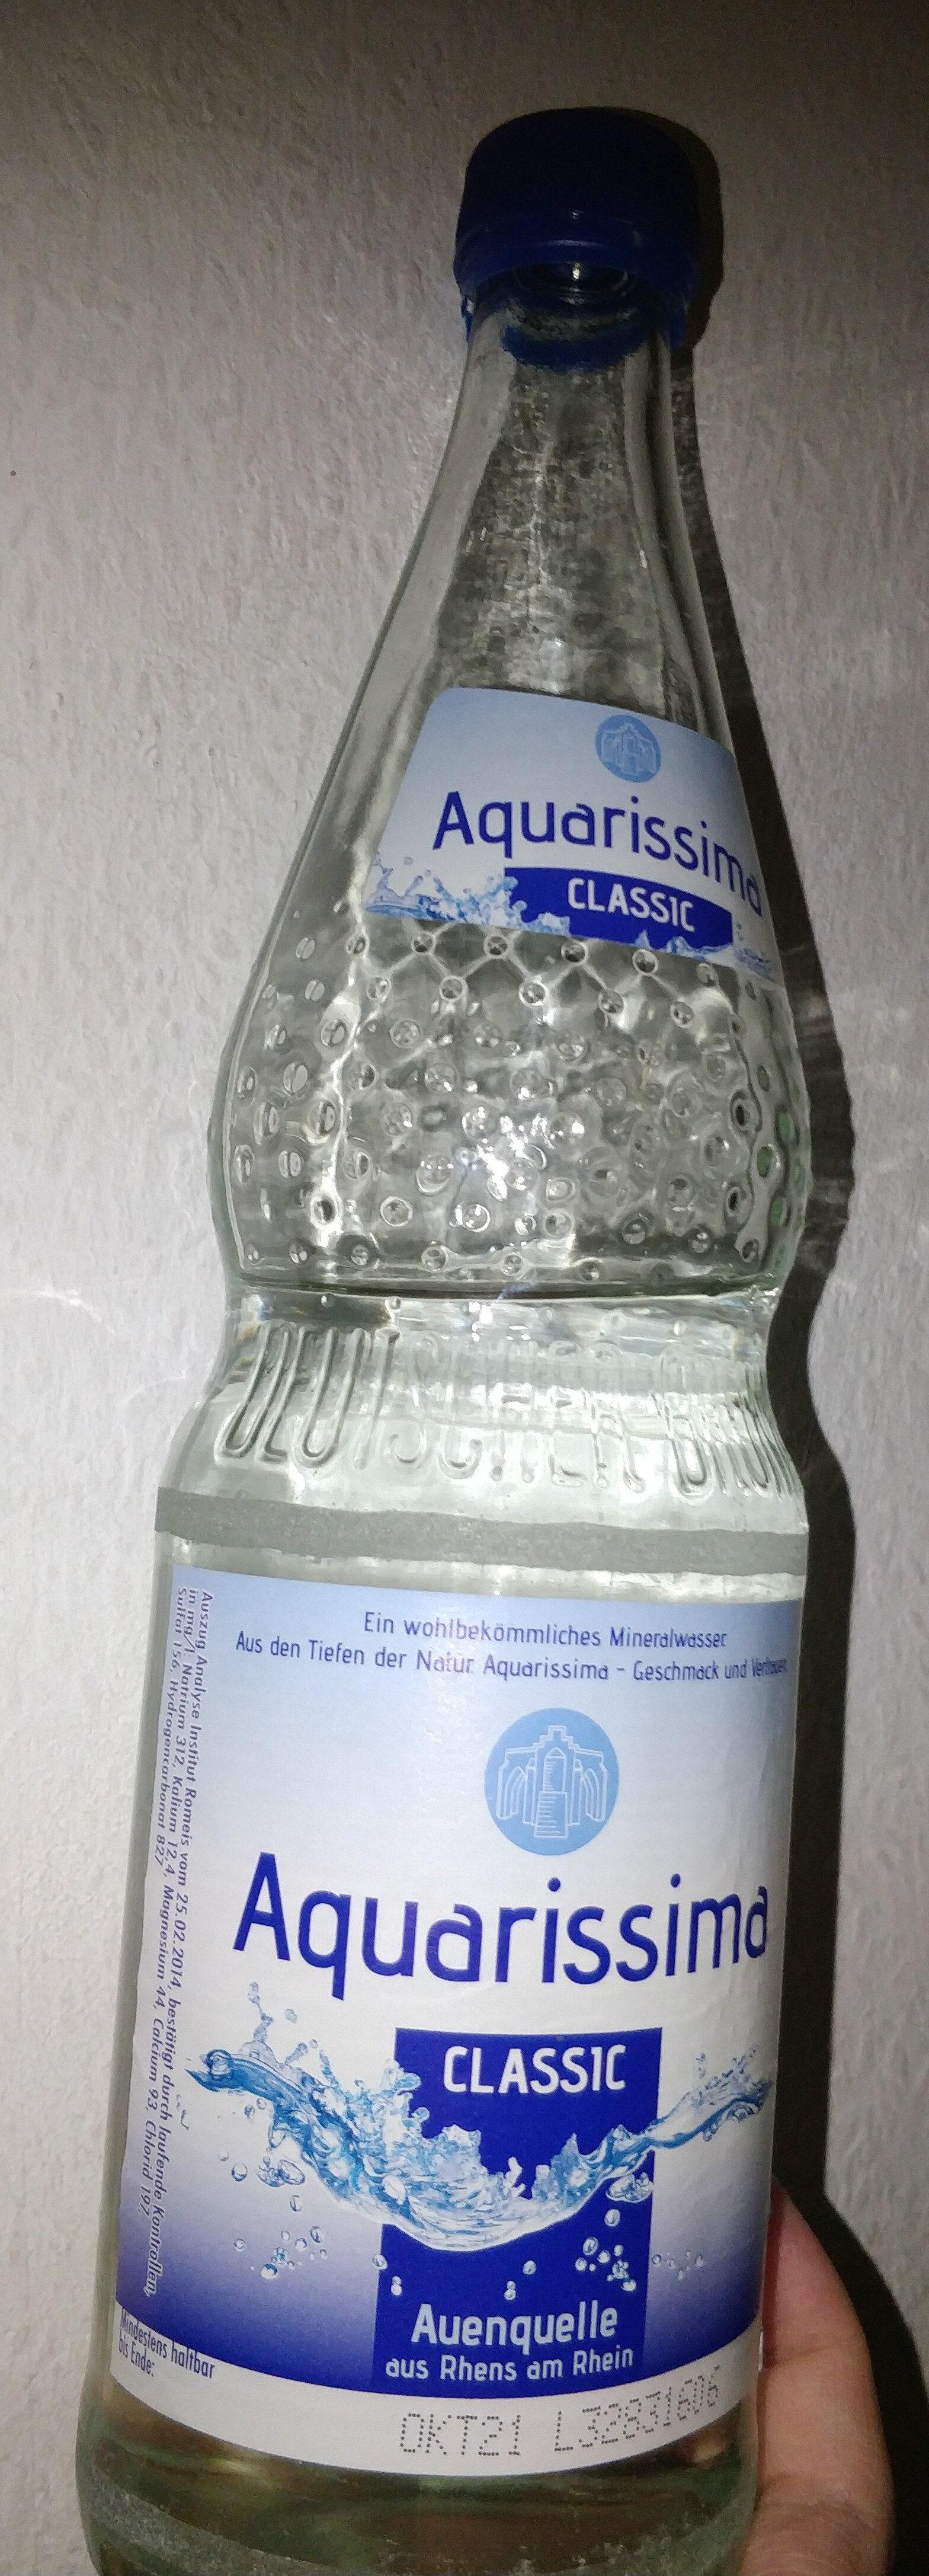 Aquarissima Classic - Product - de